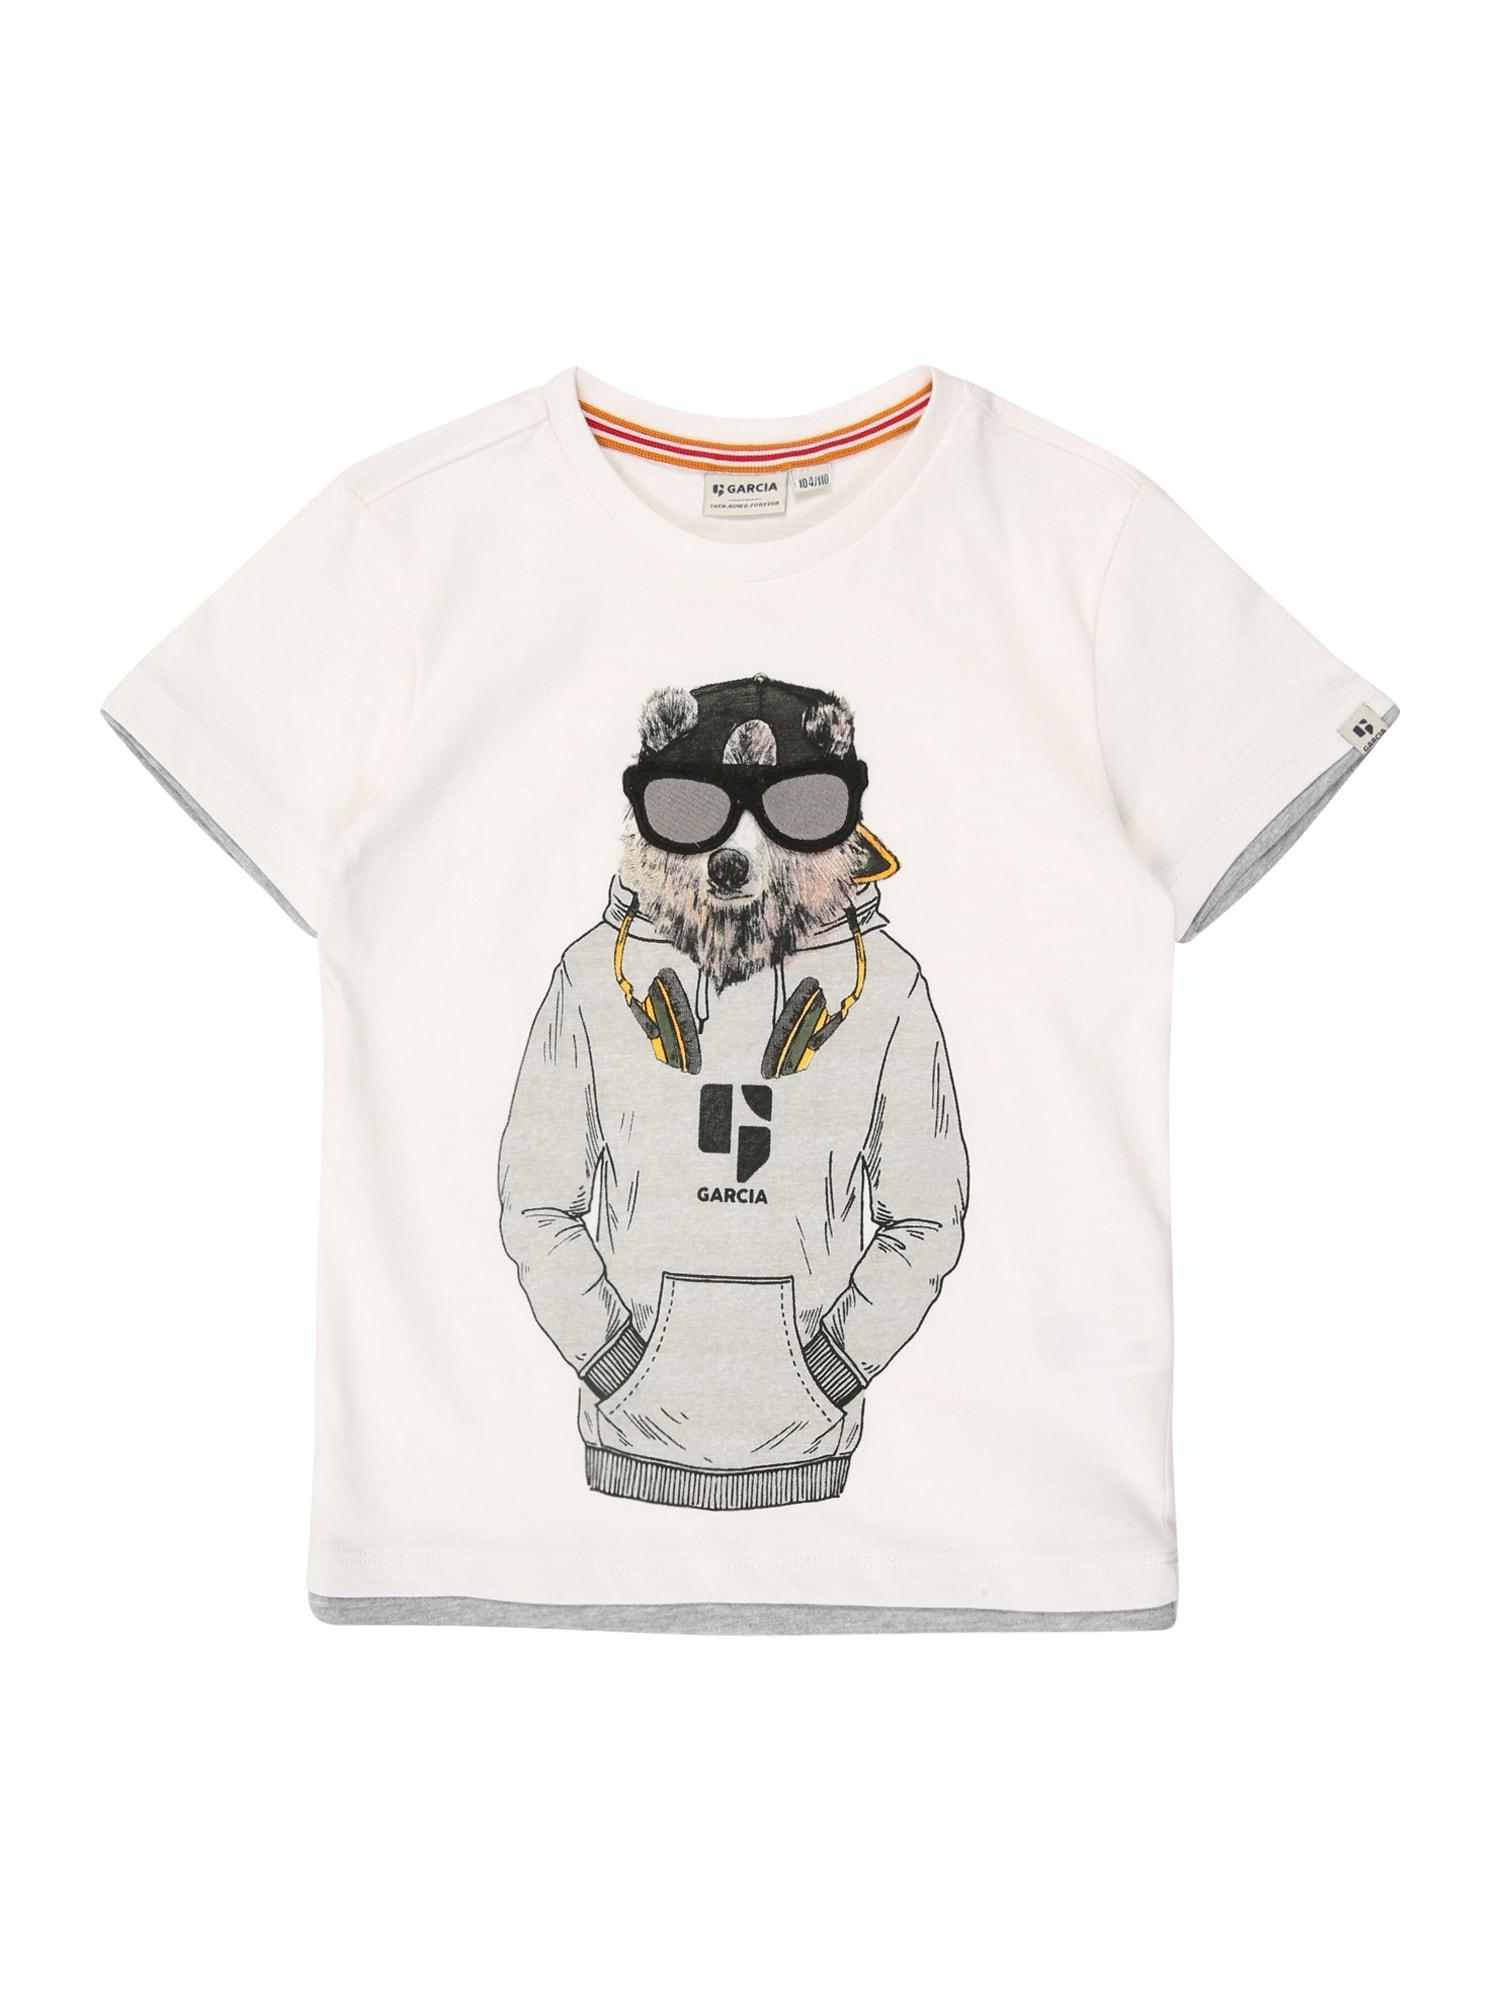 GARCIA Tričko  biela / sivá / grafitová